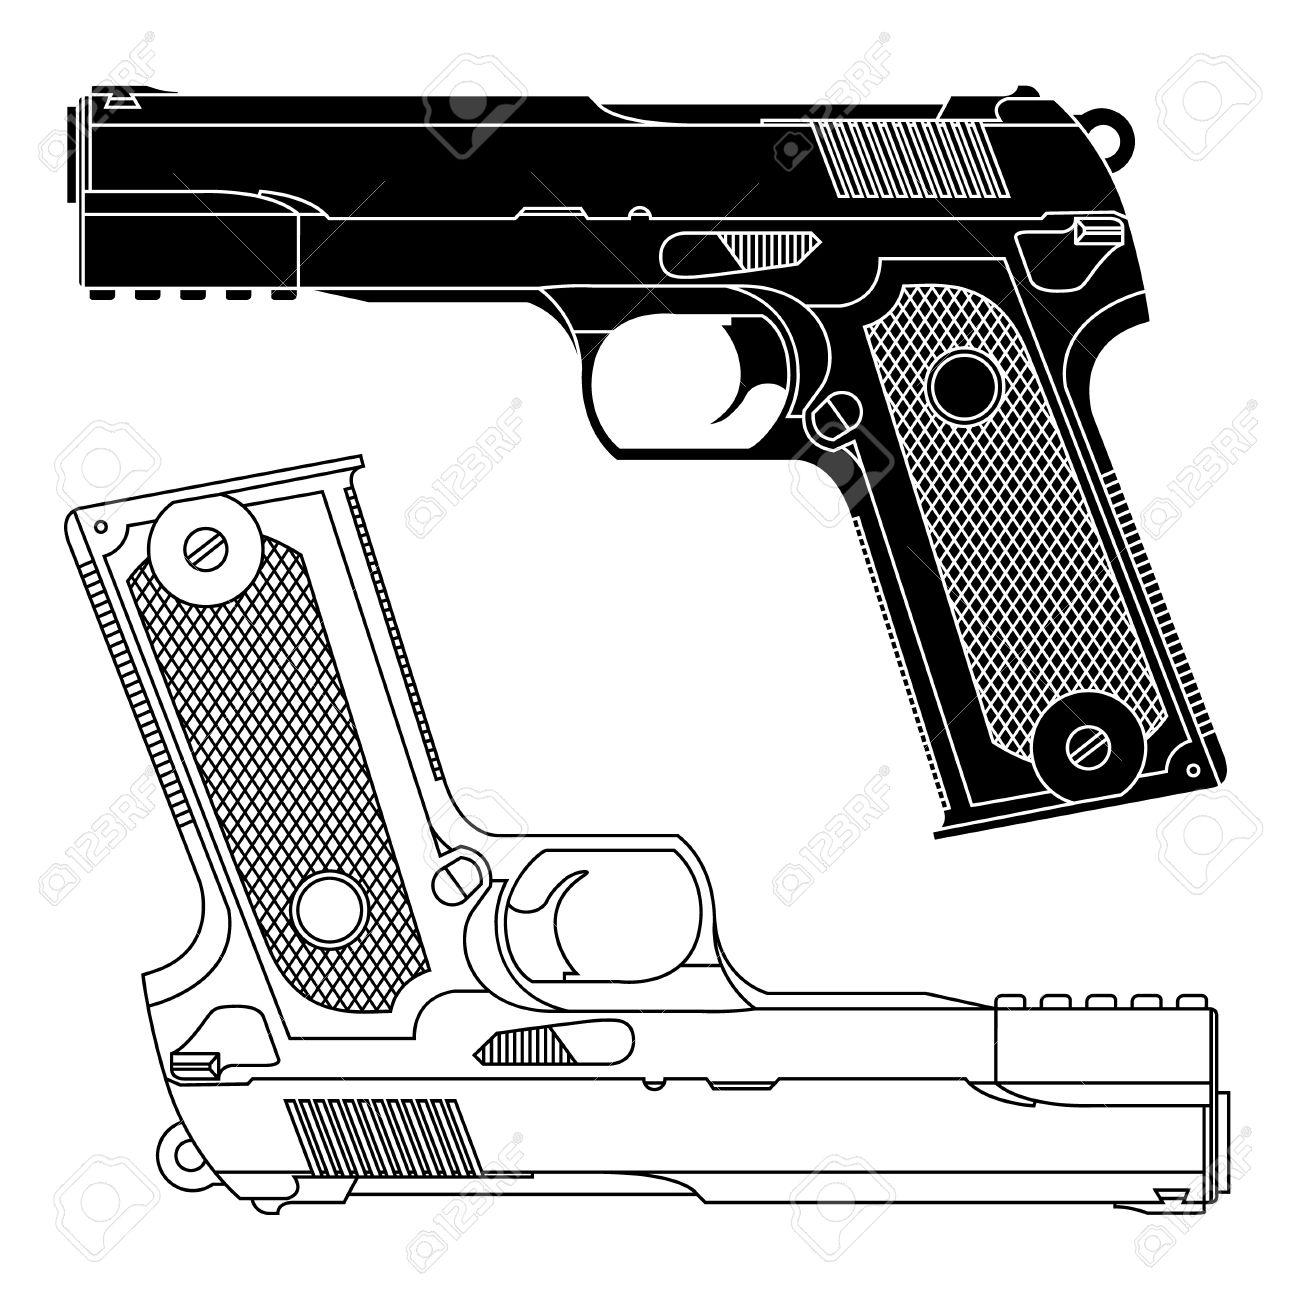 dibujo técnico de un arma de fuego pistola 9 milímetros líneas